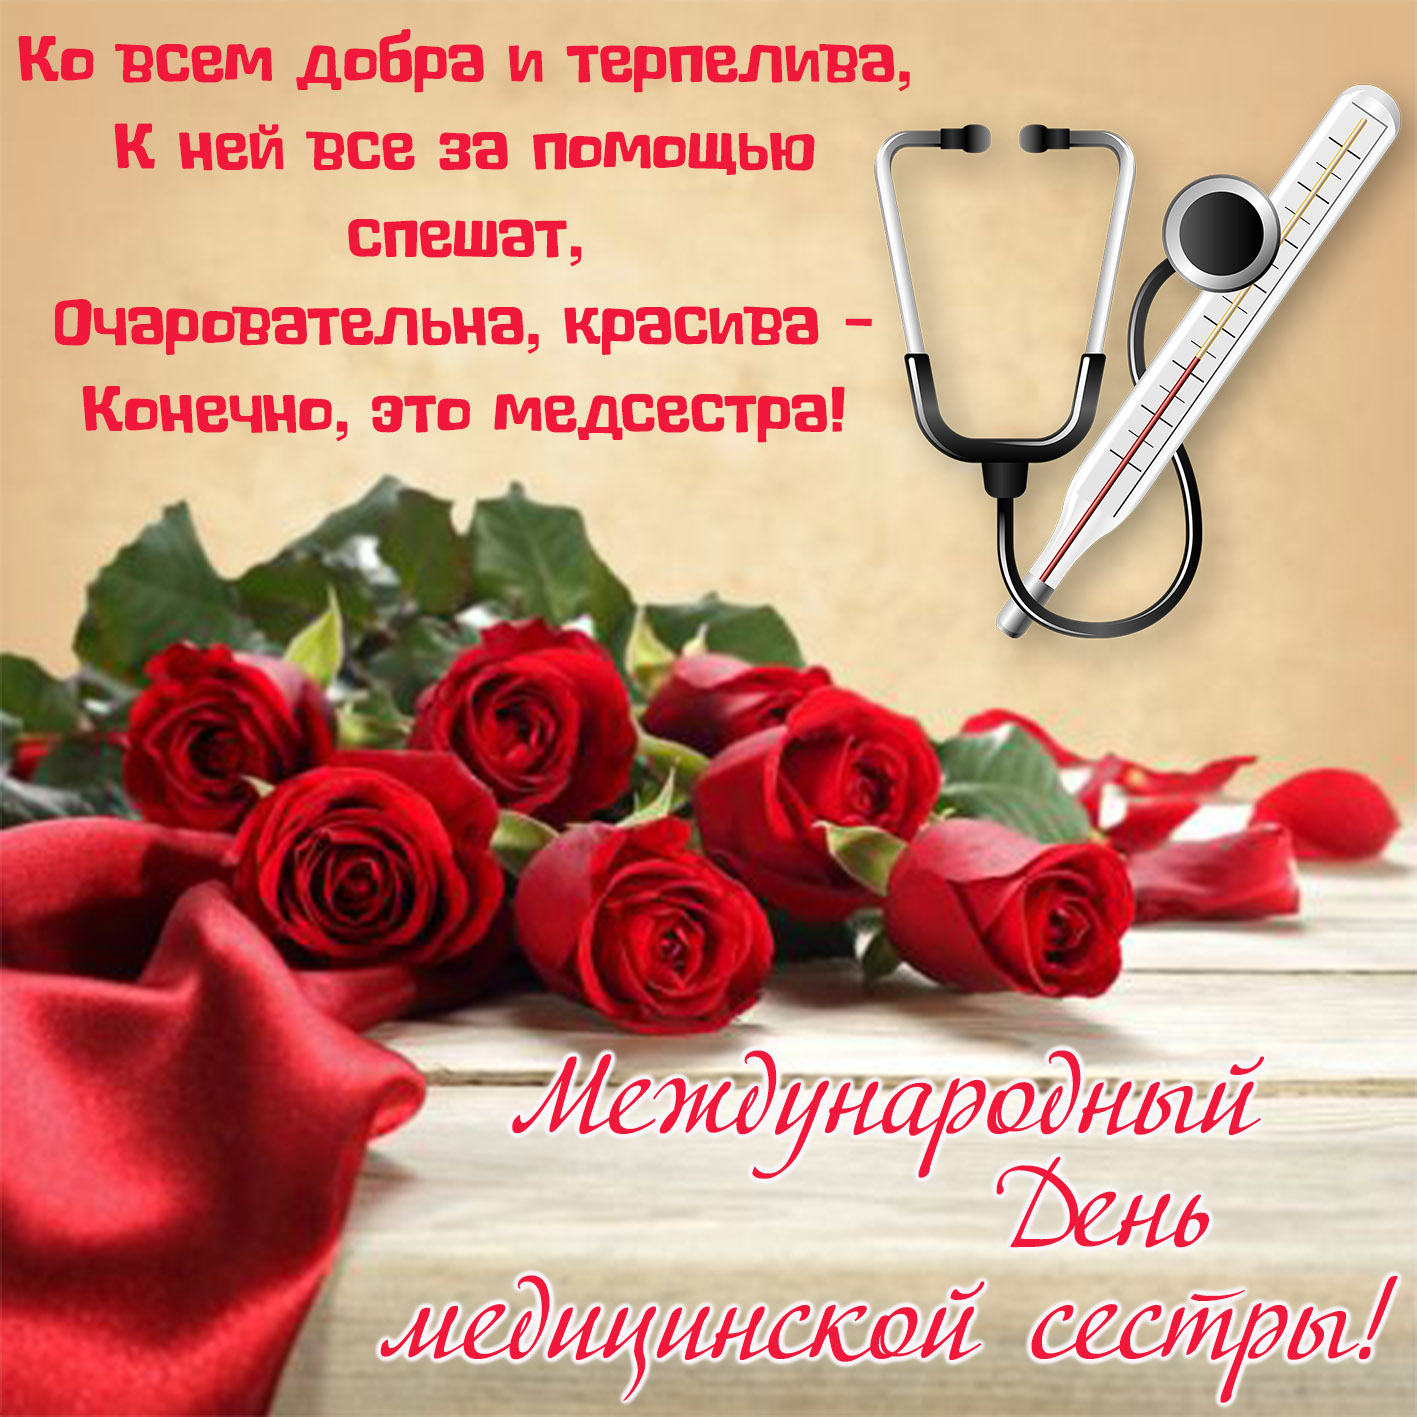 Красивая открытка медсестре с днем медика